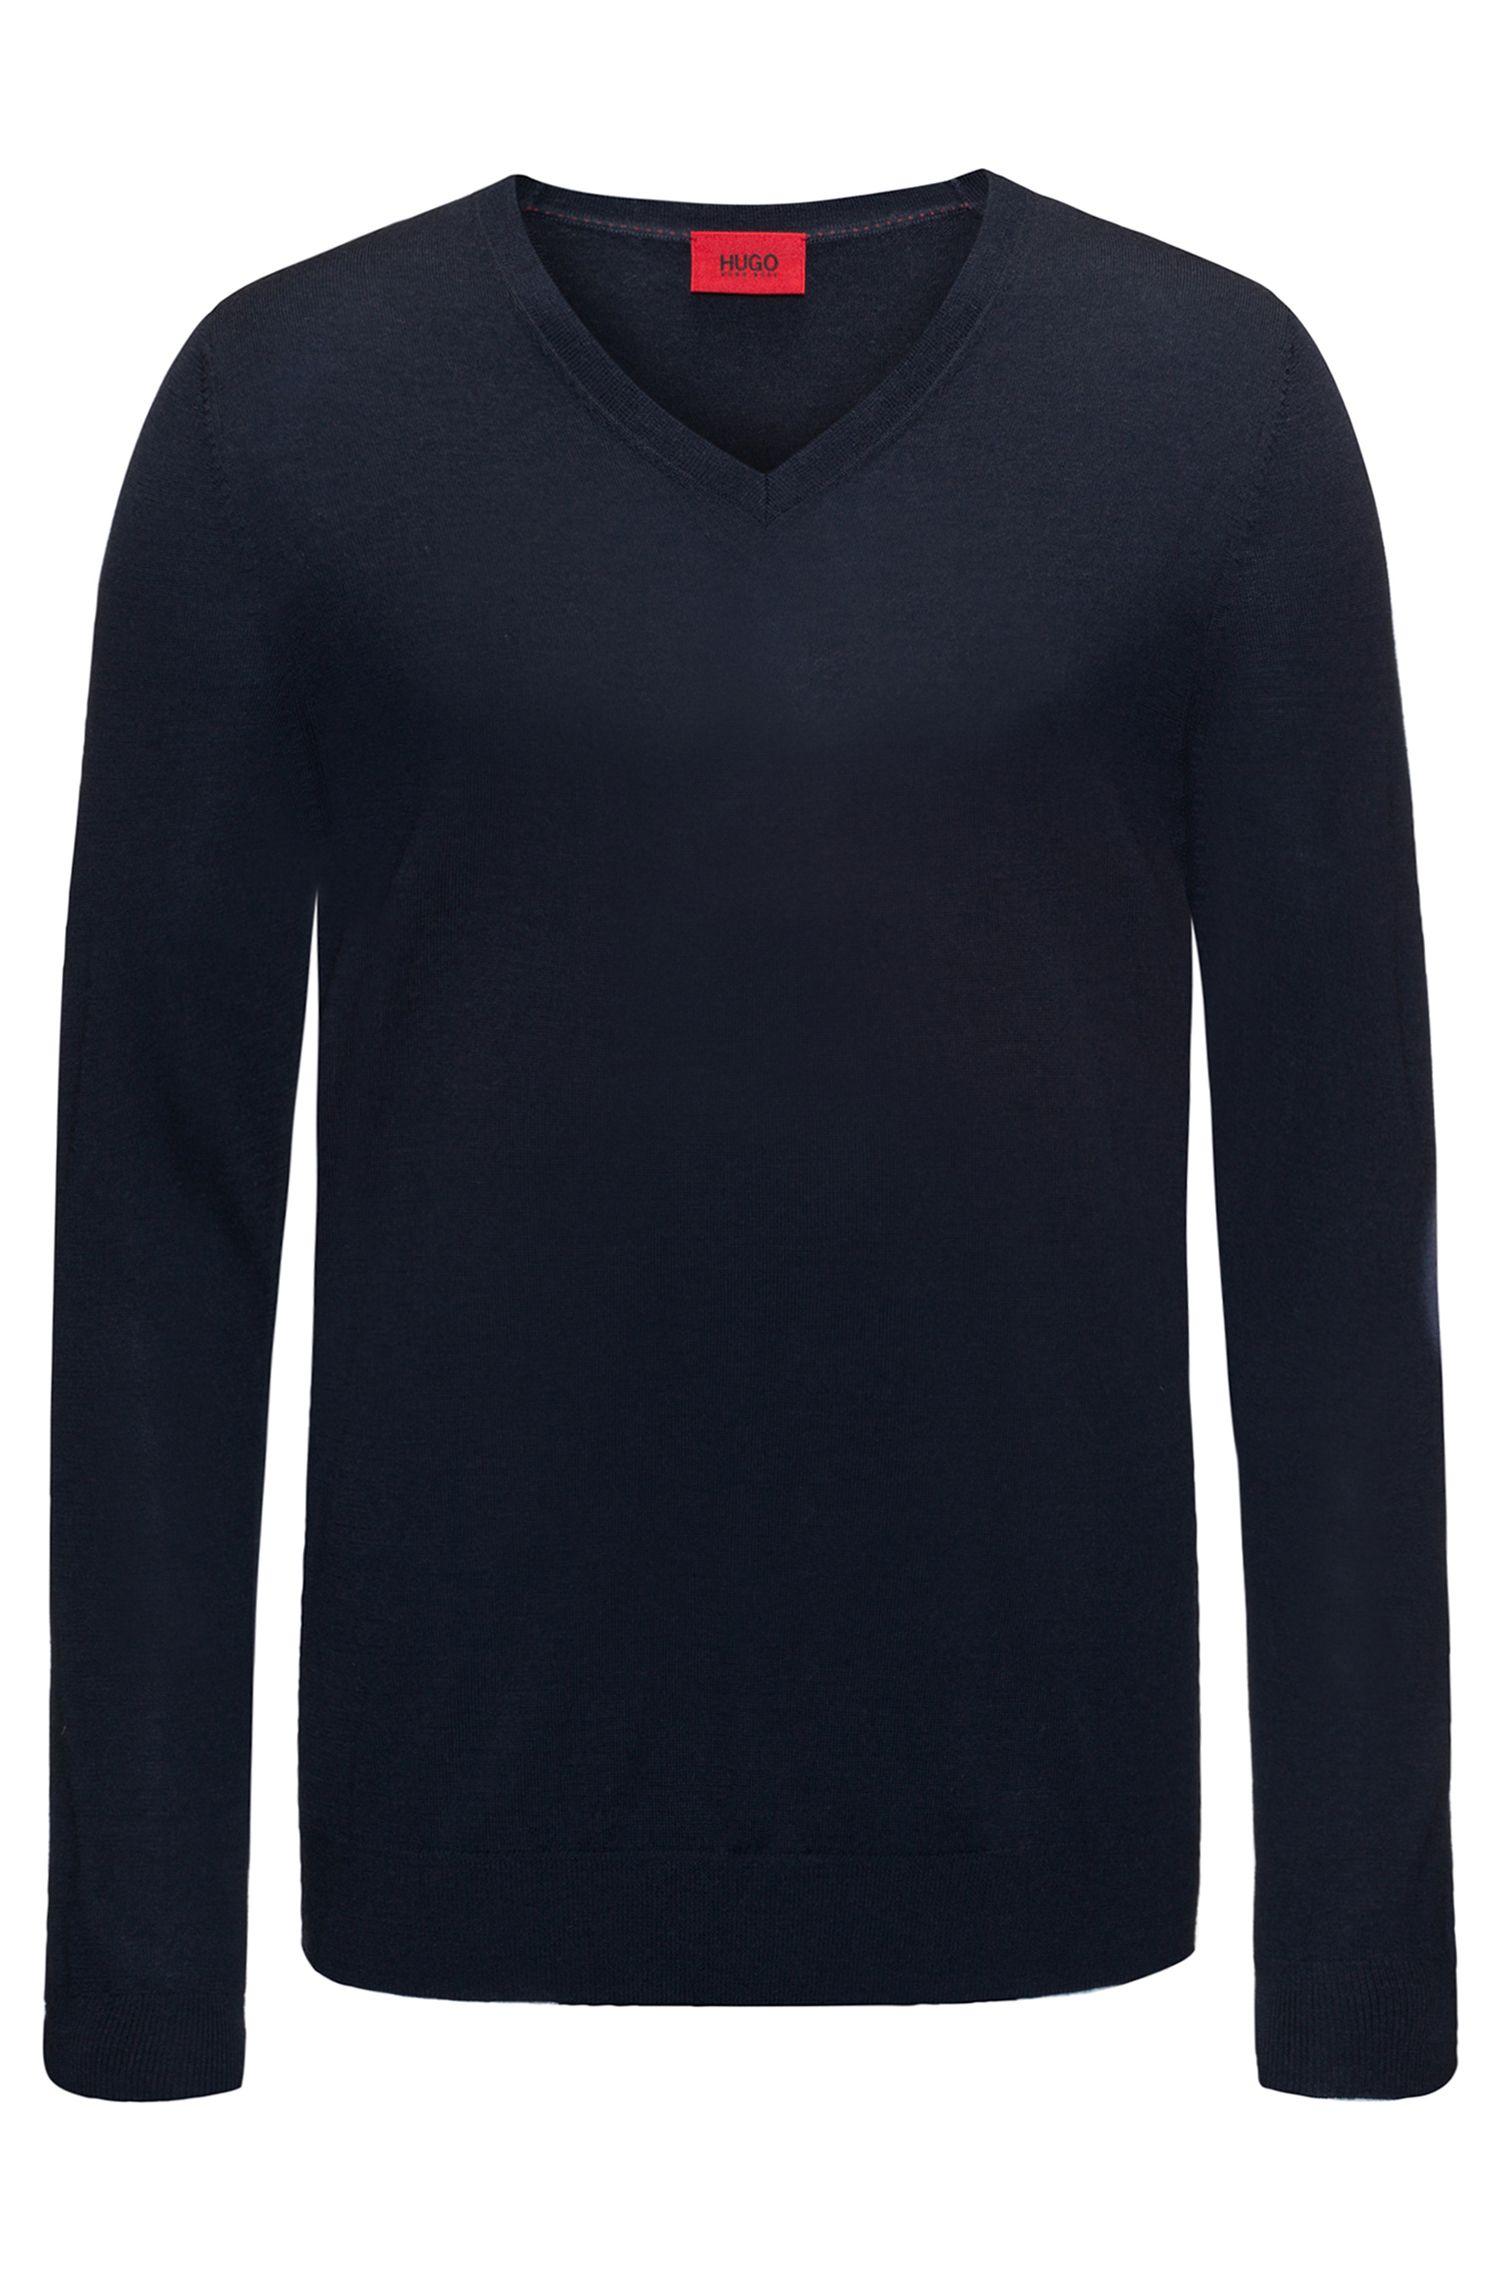 Slim-Fit Pullover aus einem leichten Merinowoll-Mix mit V-Ausschnitt